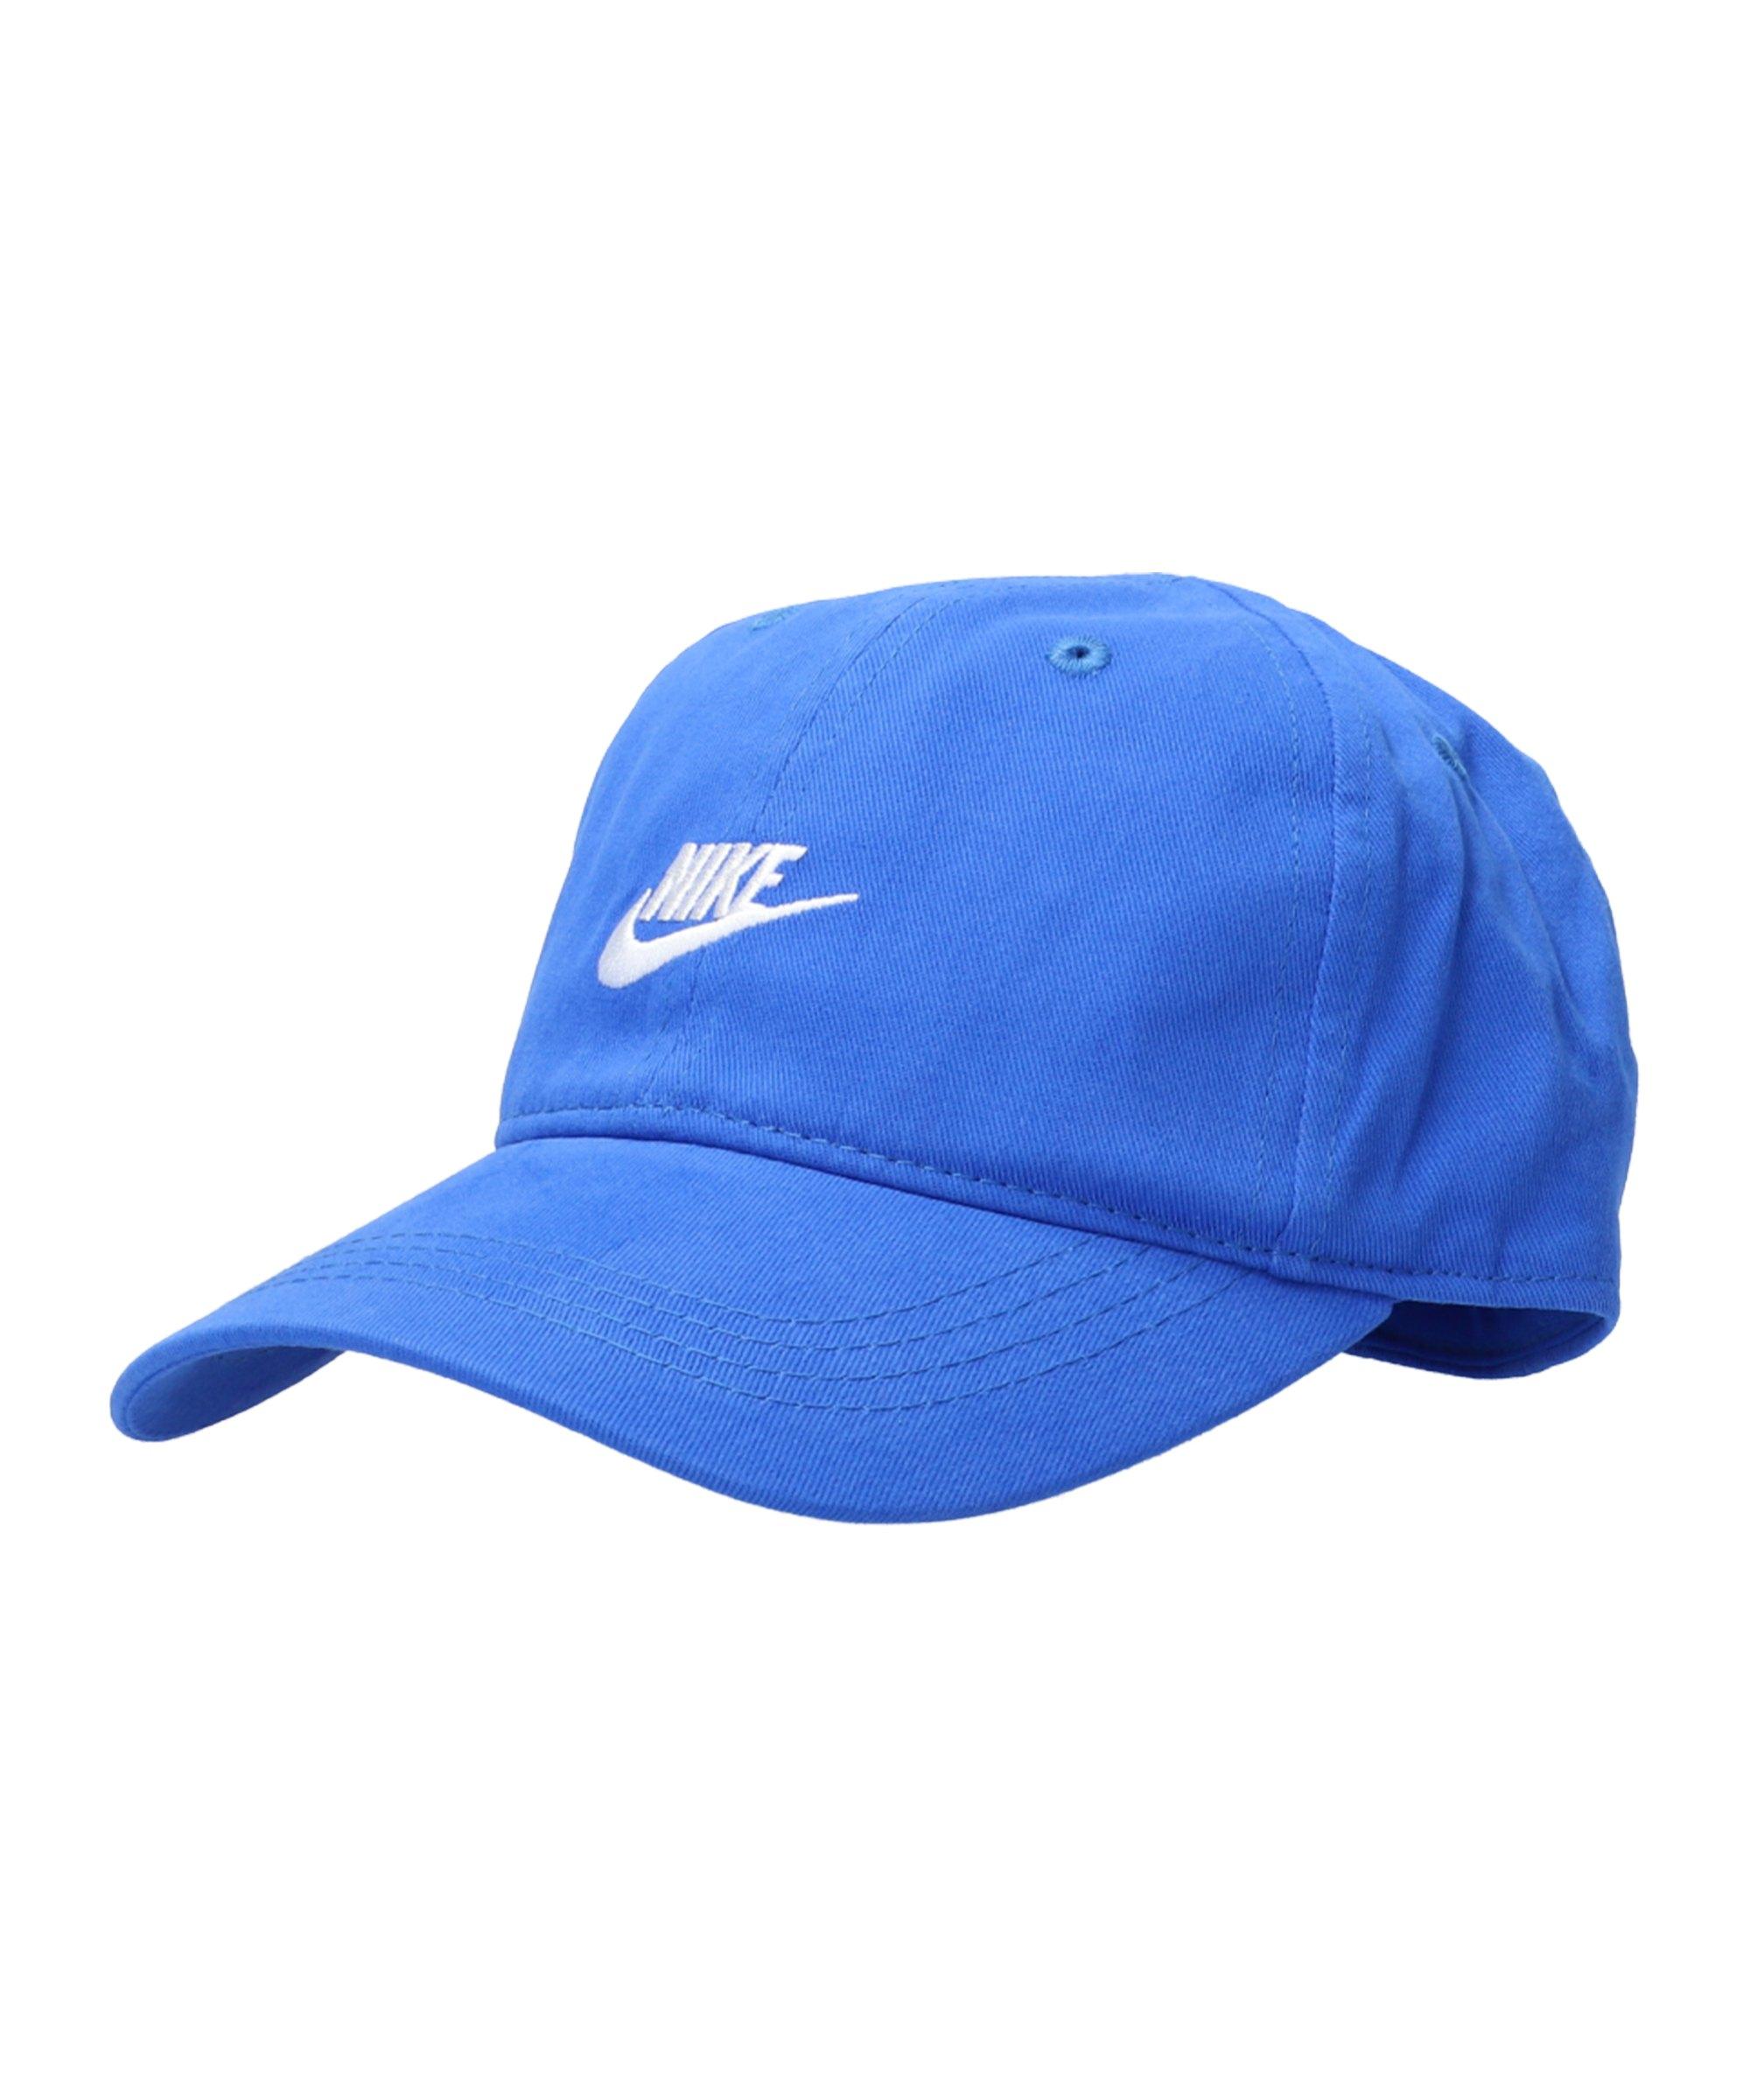 Nike Futura Curve Brim Cap Kids Blau FU89 - blau